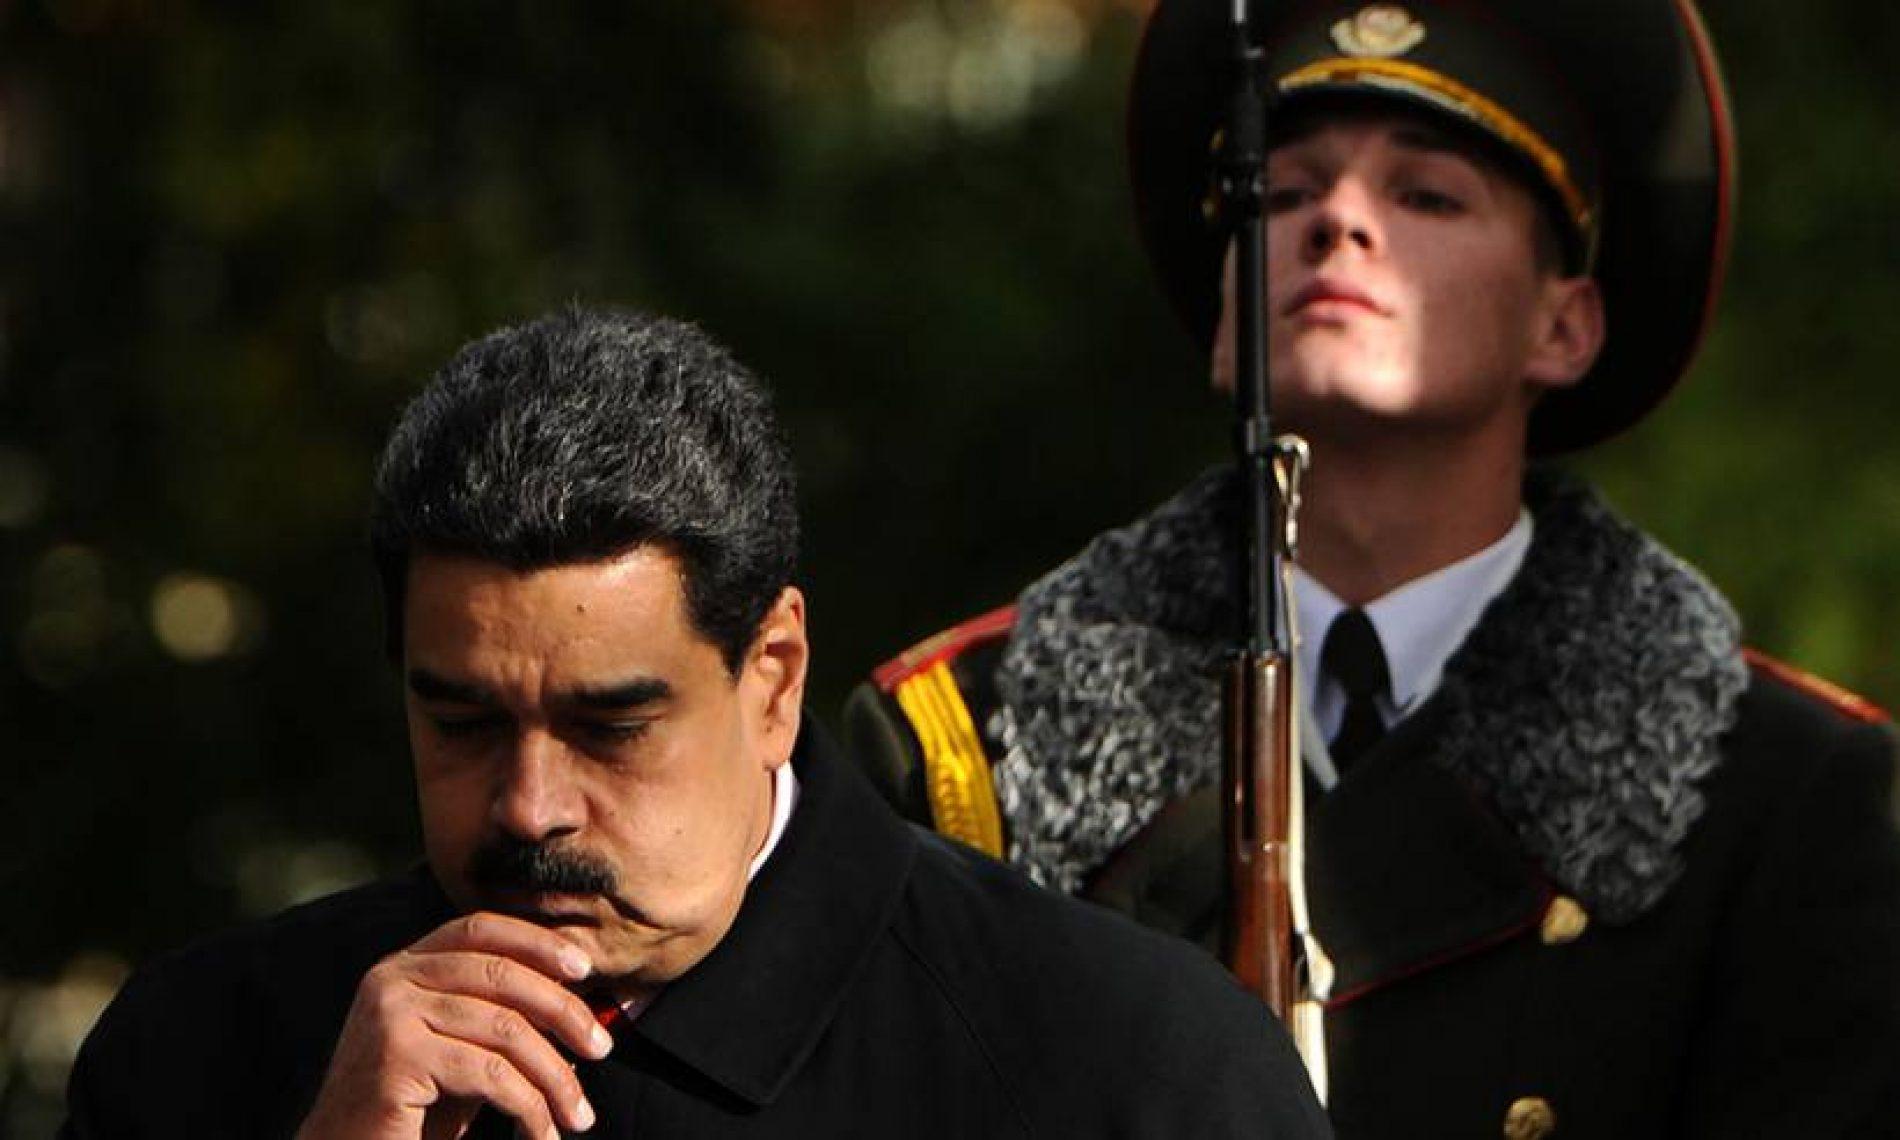 Em delação, executivo diz que Maduro recebeu US$ 35 milhões da Odebrecht